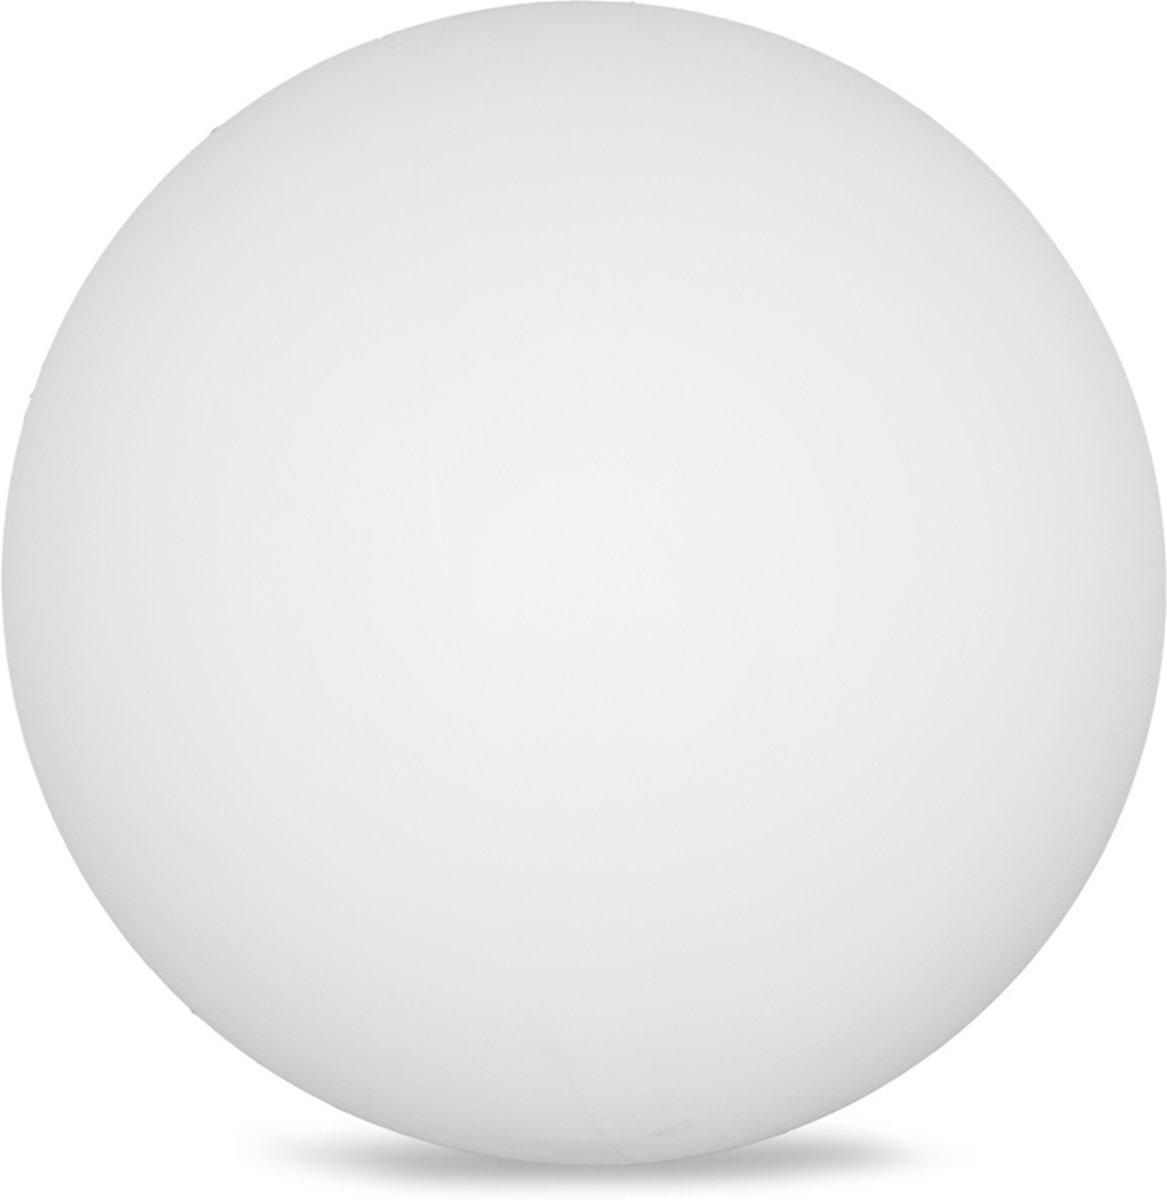 SMOOZ BALL 50